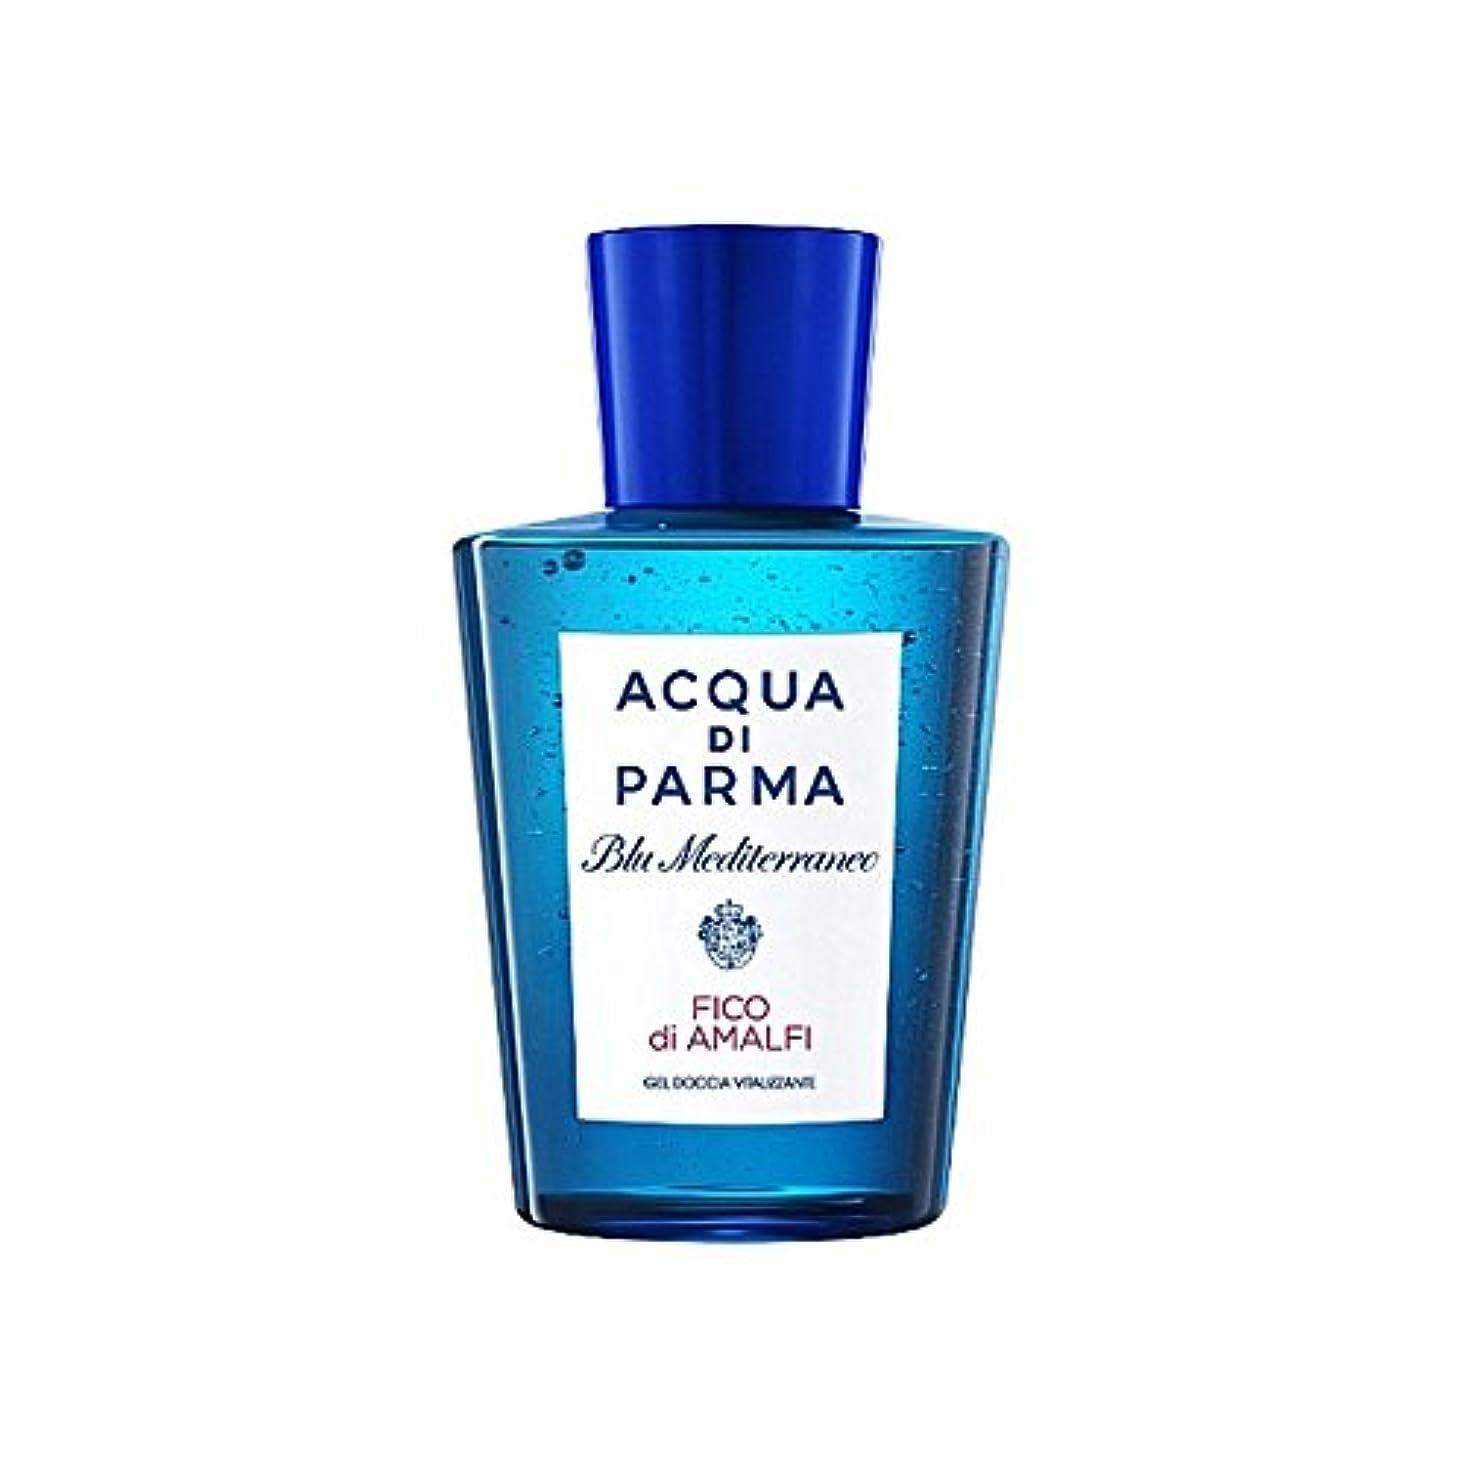 溶接亡命後者Acqua Di Parma Blu Mediterraneo Fico Di Amalfi Shower Gel 200ml - アクアディパルマブルーメディジアマルフィシャワージェル200 [並行輸入品]